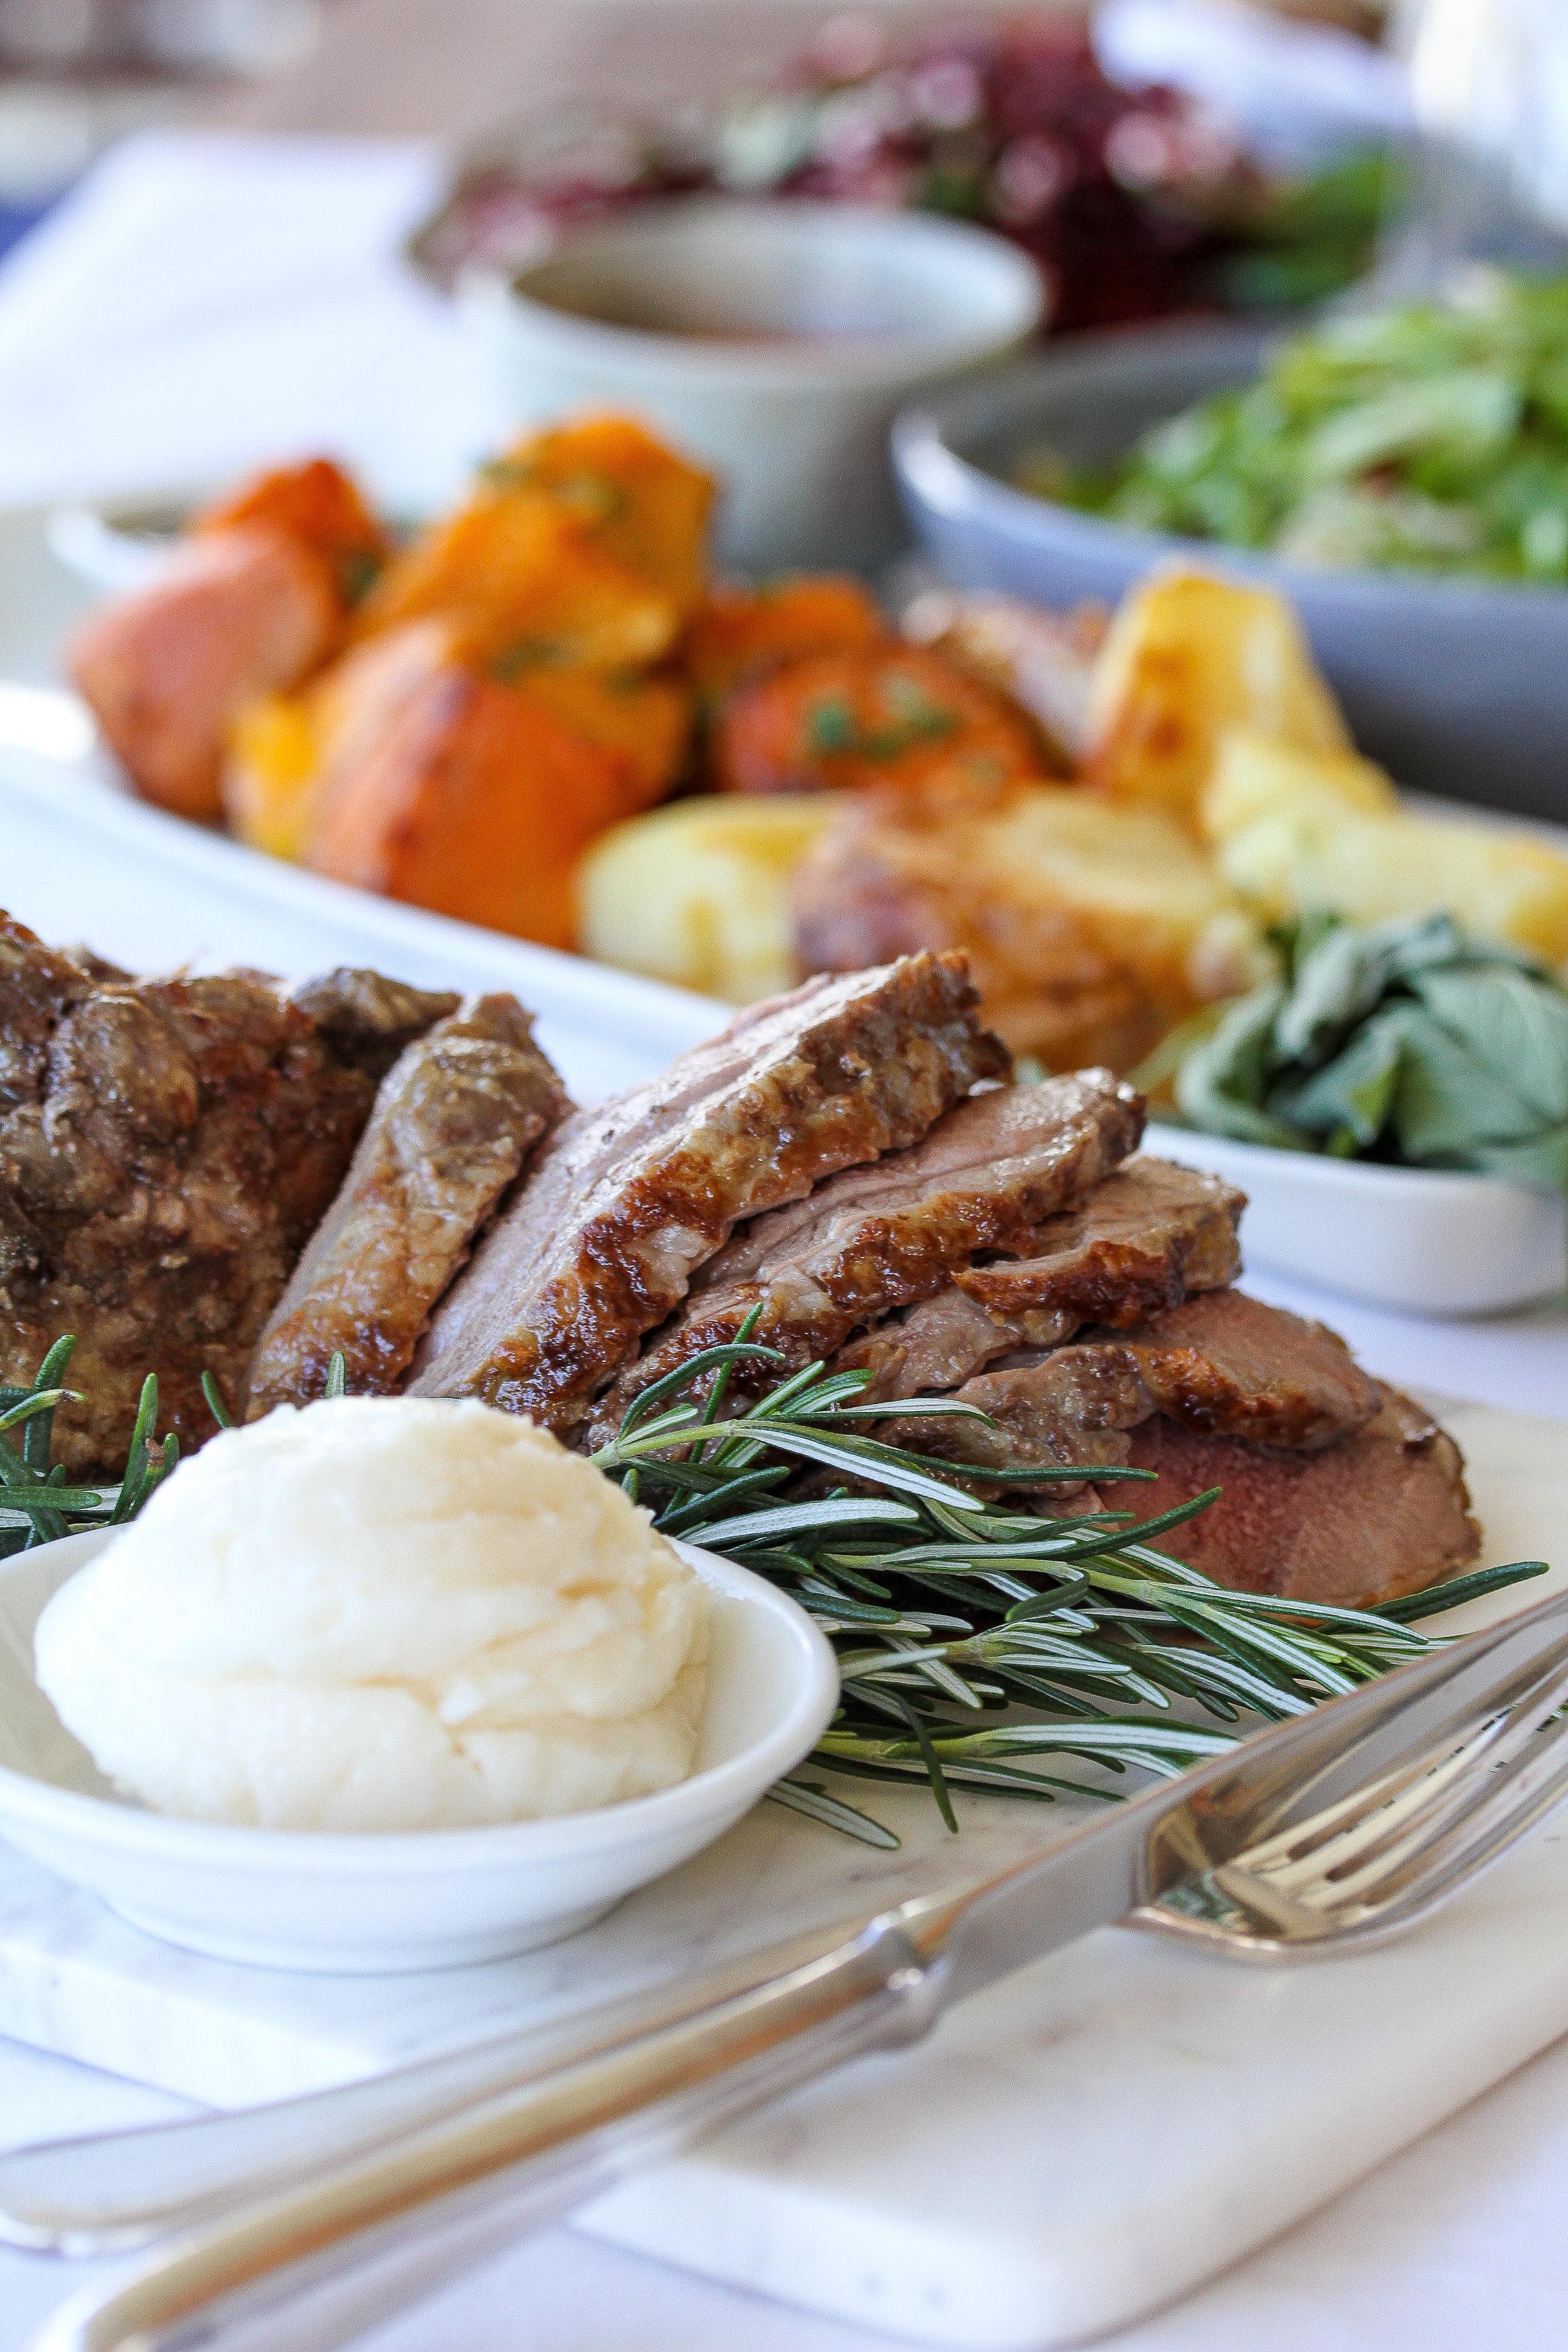 Roast Lamb, Salad & Vege (1 of 1).jpg